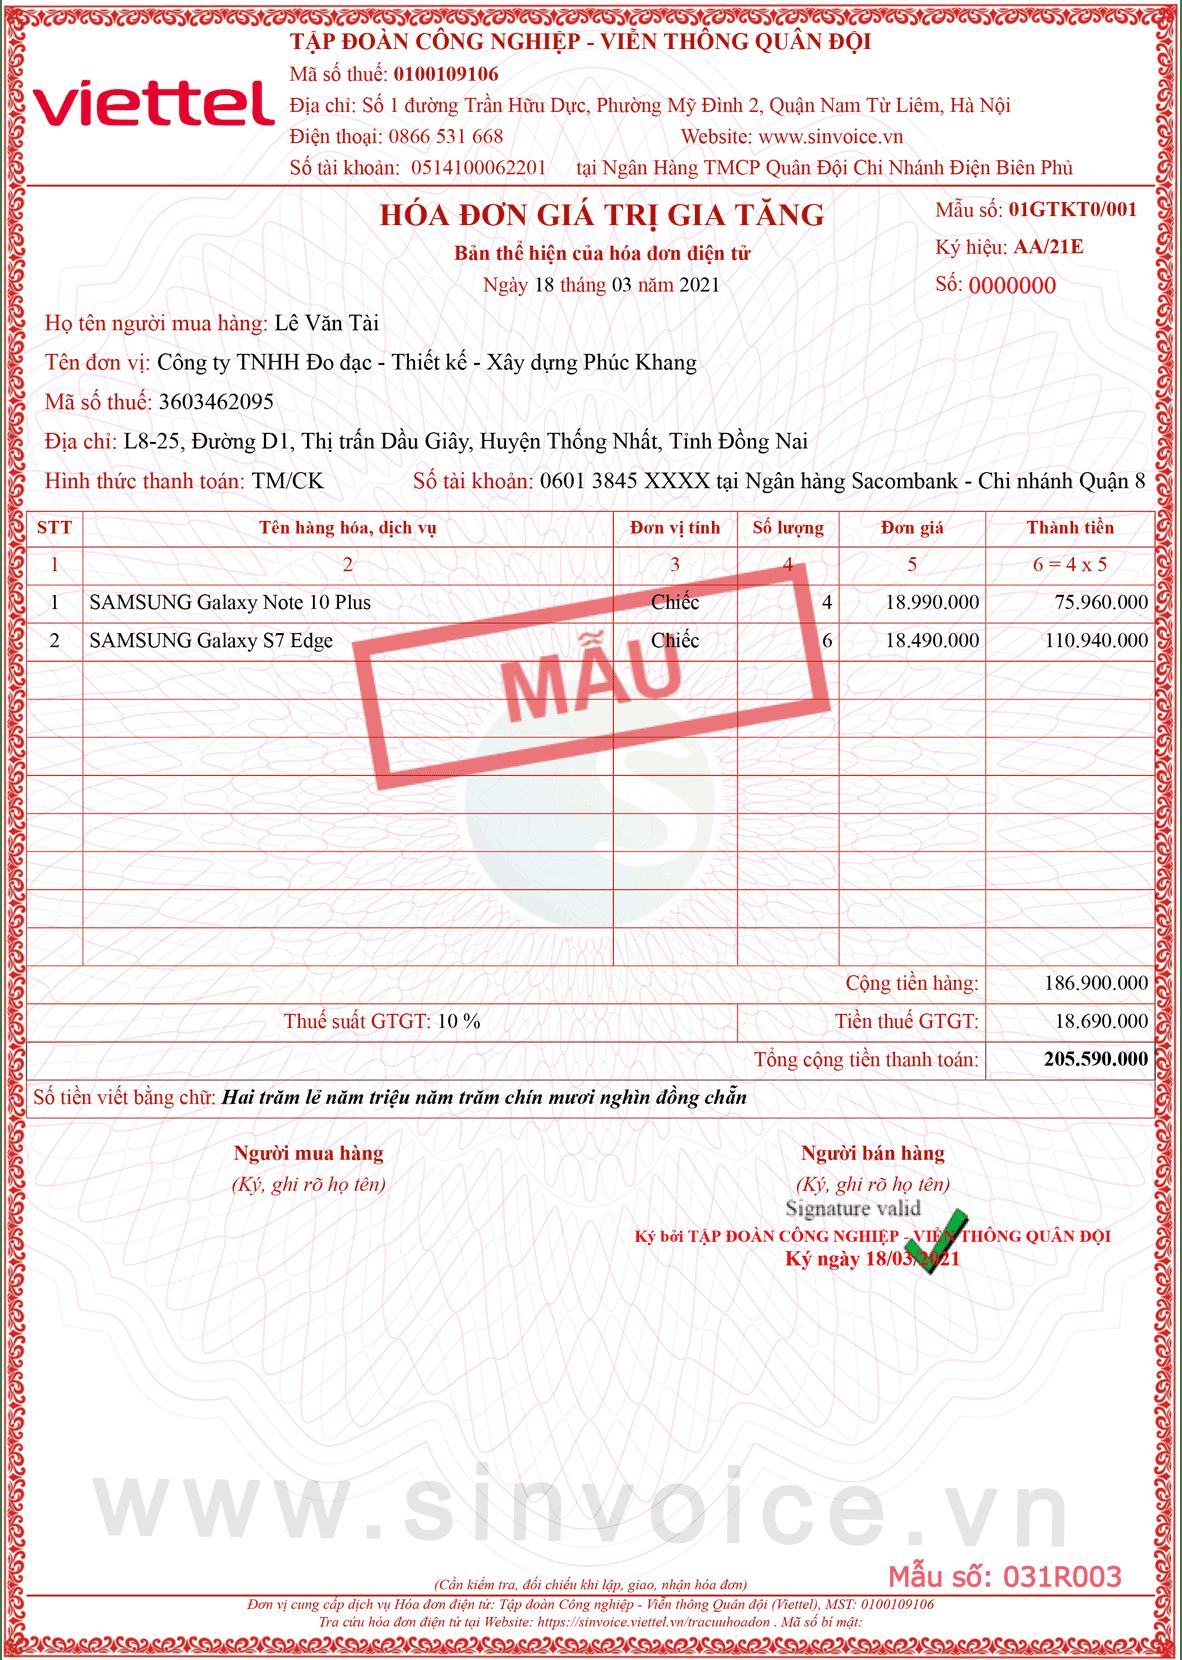 Mẫu hóa đơn điện tử số 031R003